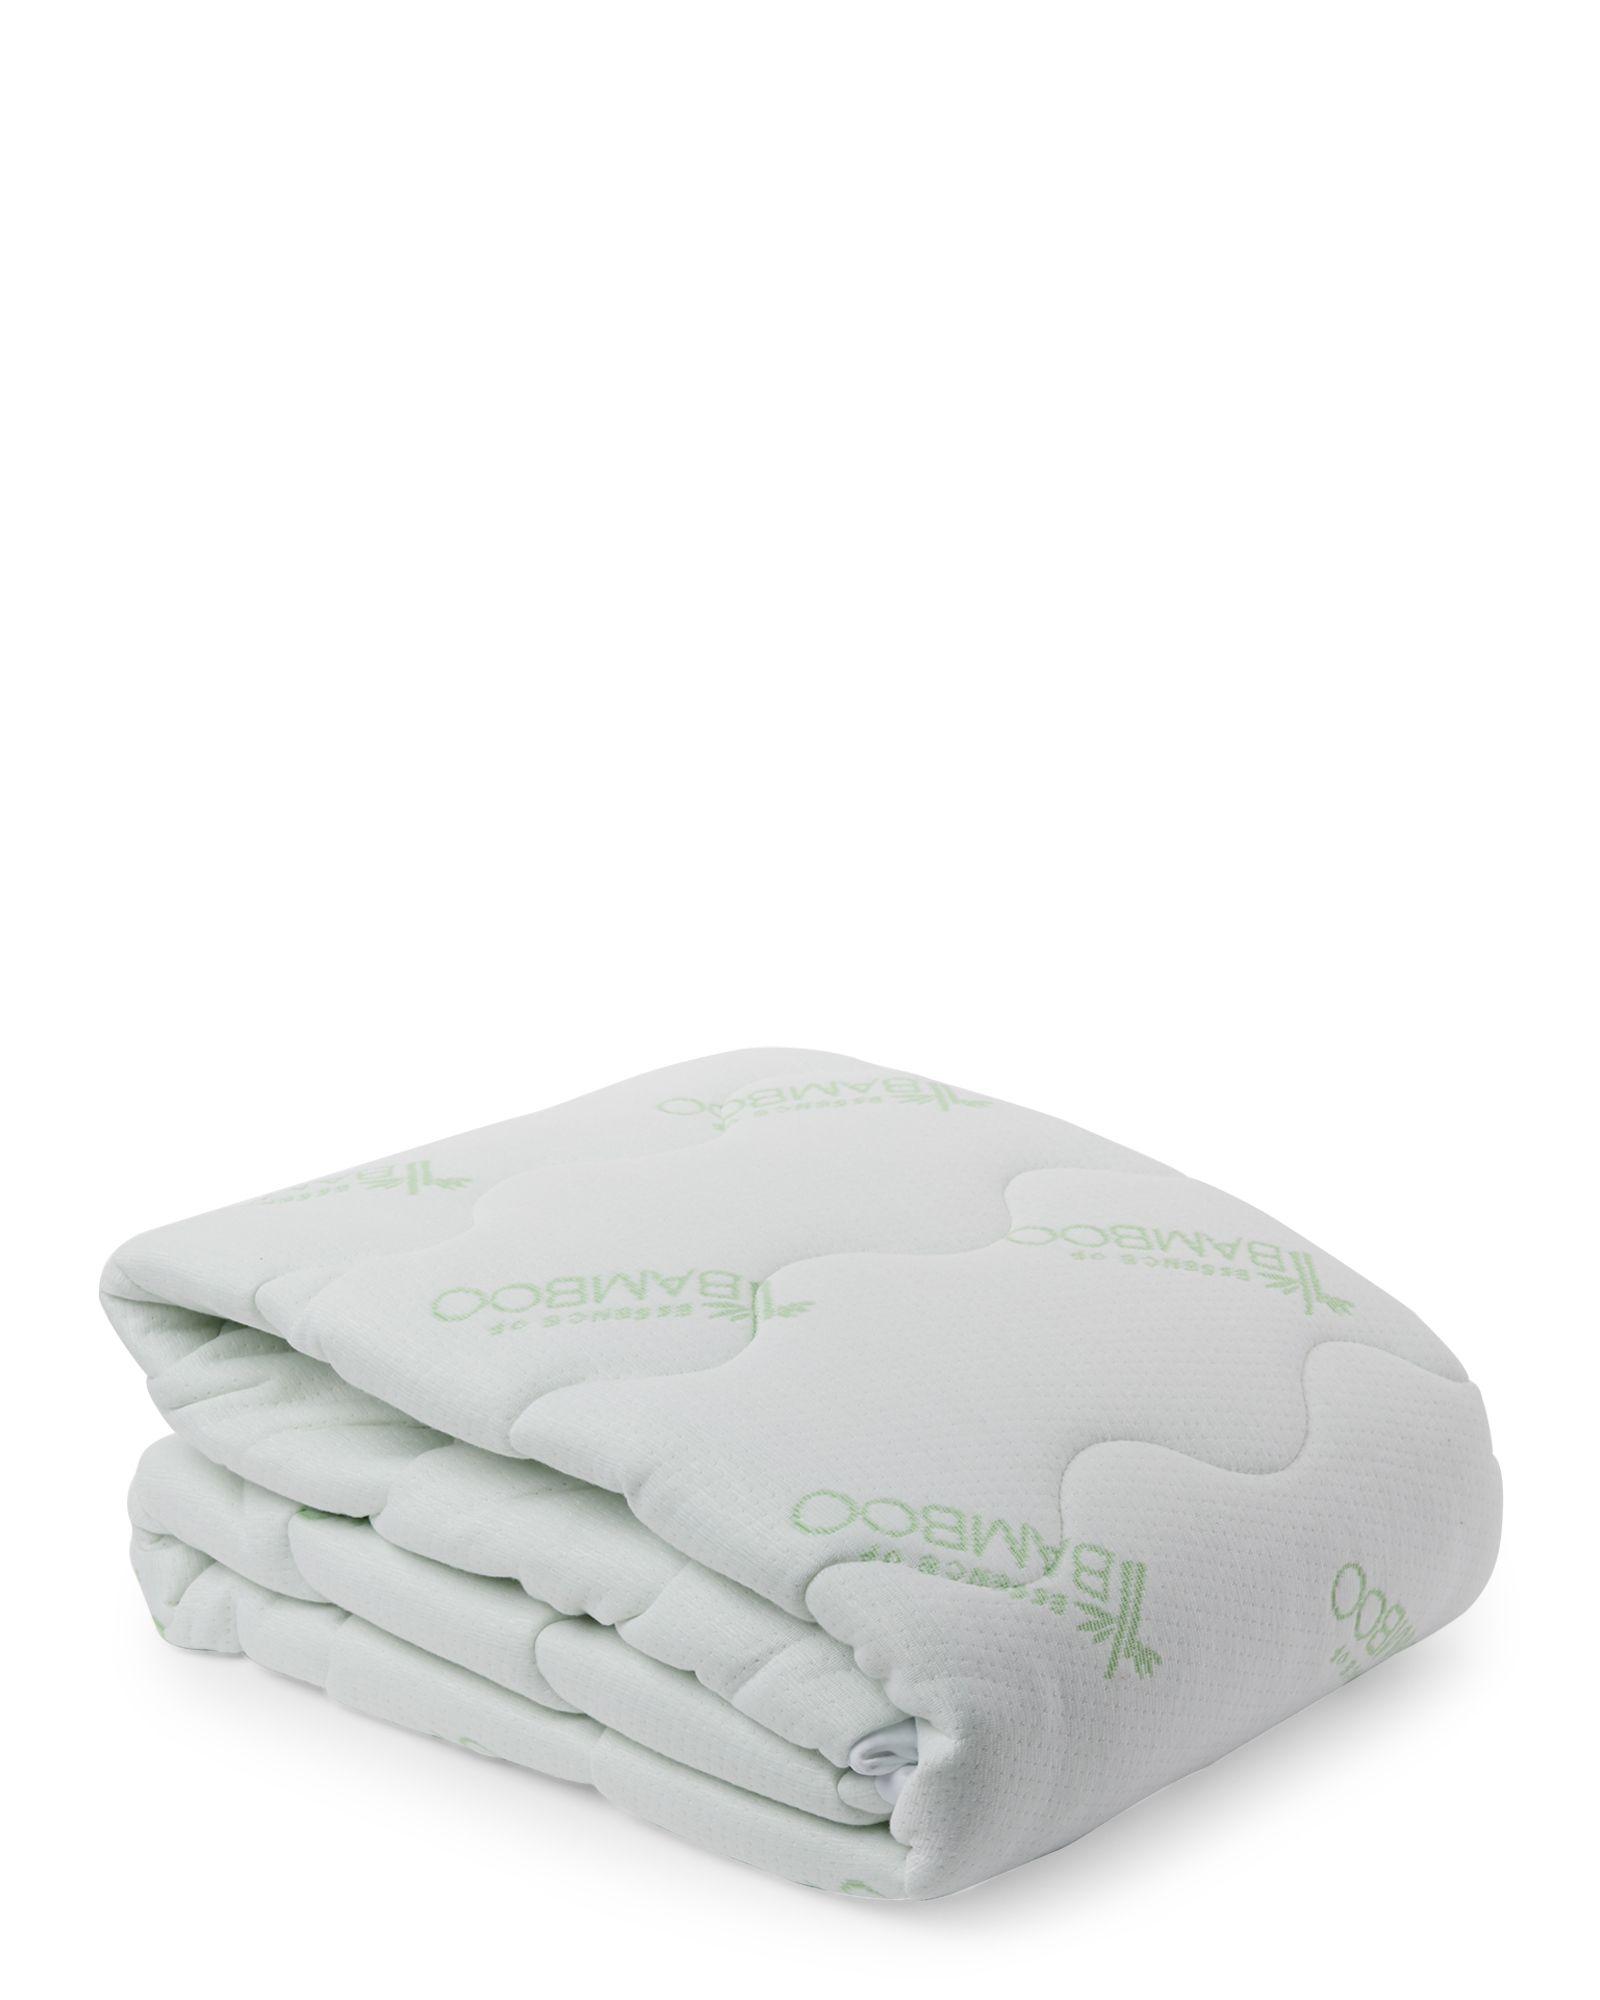 knit twin mattress pad